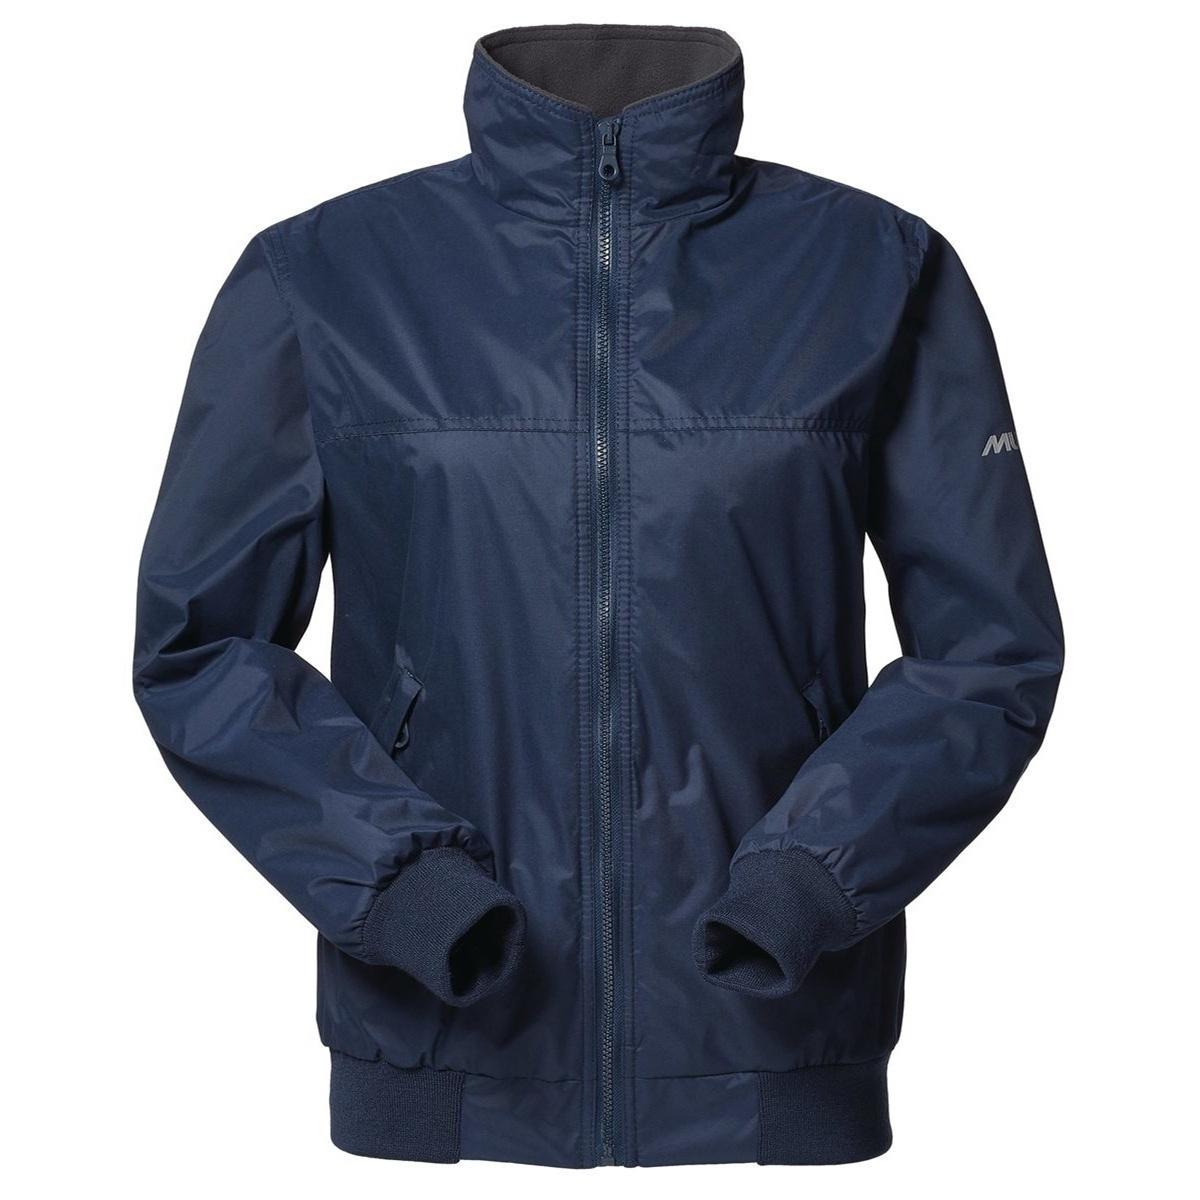 Musto Womens/Ladies Snug Blouson Jacket (14) (True Navy/ Cinder)